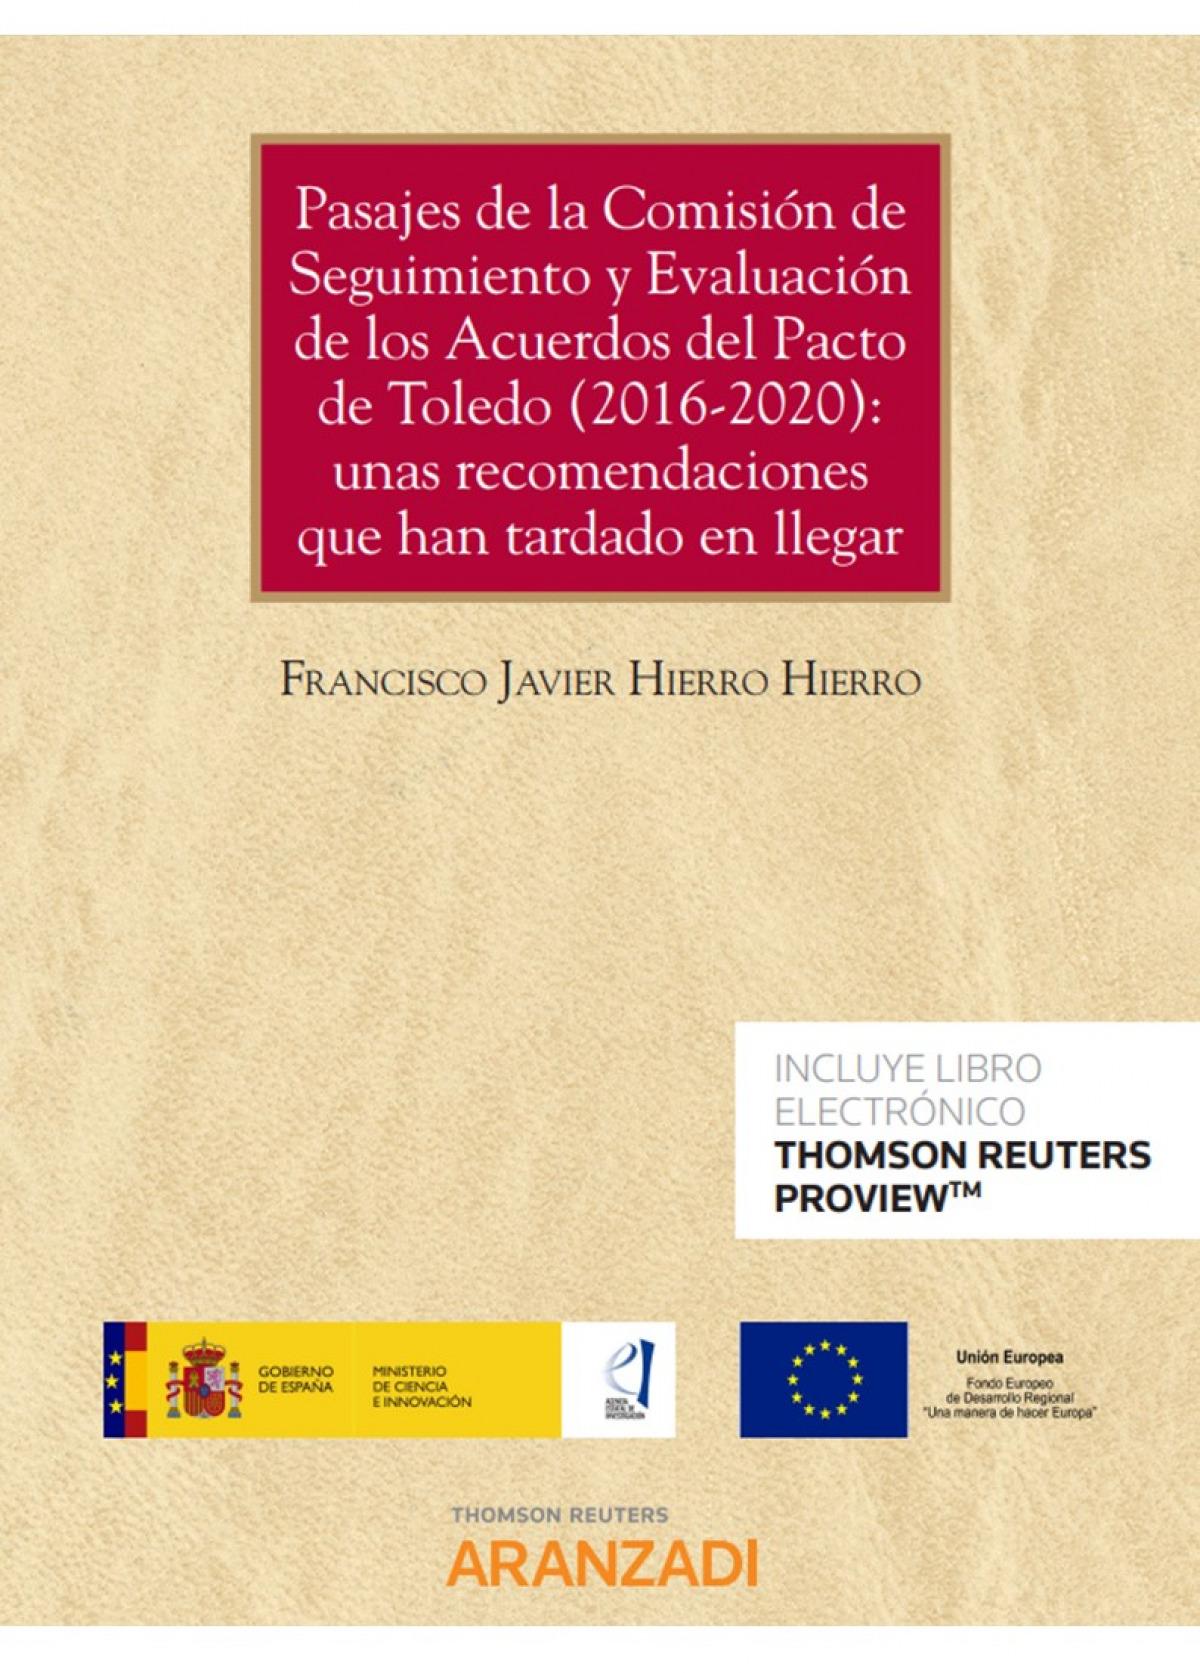 Pasajes de la Comisión de Seguimiento y Evaluación de los Acuerdos del Pacto de Toledo (2016-2020): unas recomendaciones que han tardado en llegar (Pa